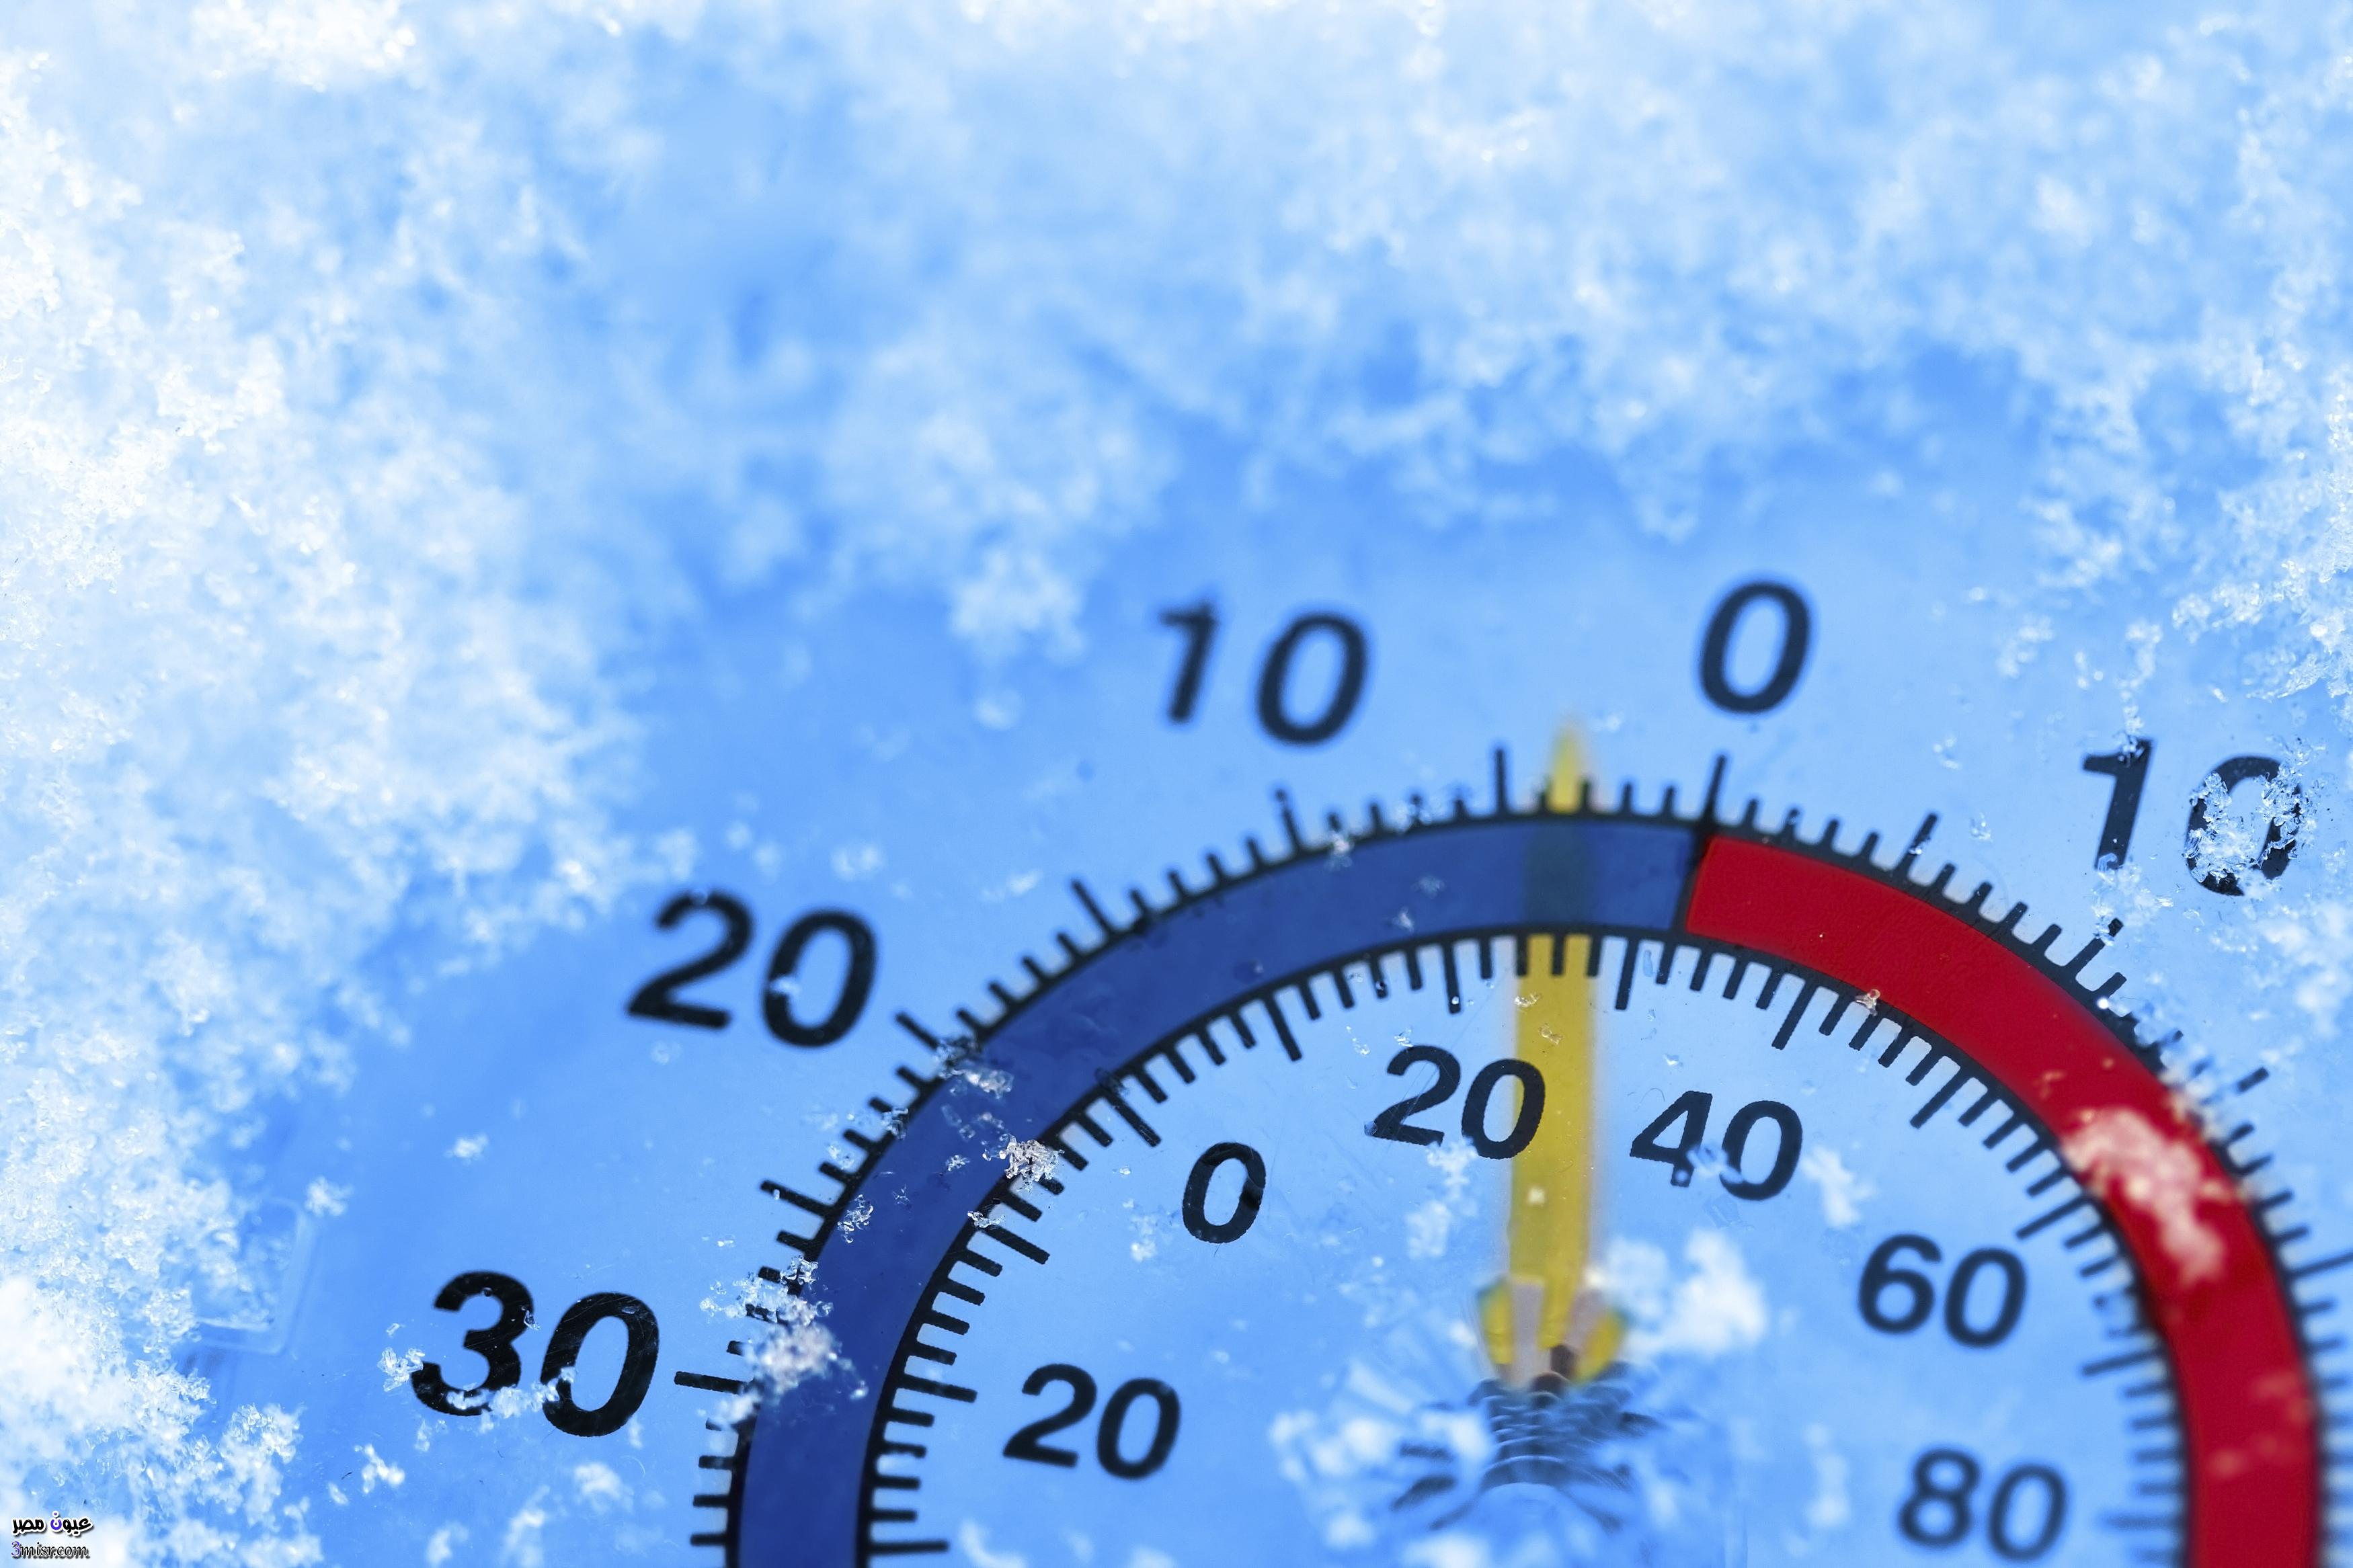 اخبار الطقس اليوم ودرجات الحرارة المتوقعة غدا